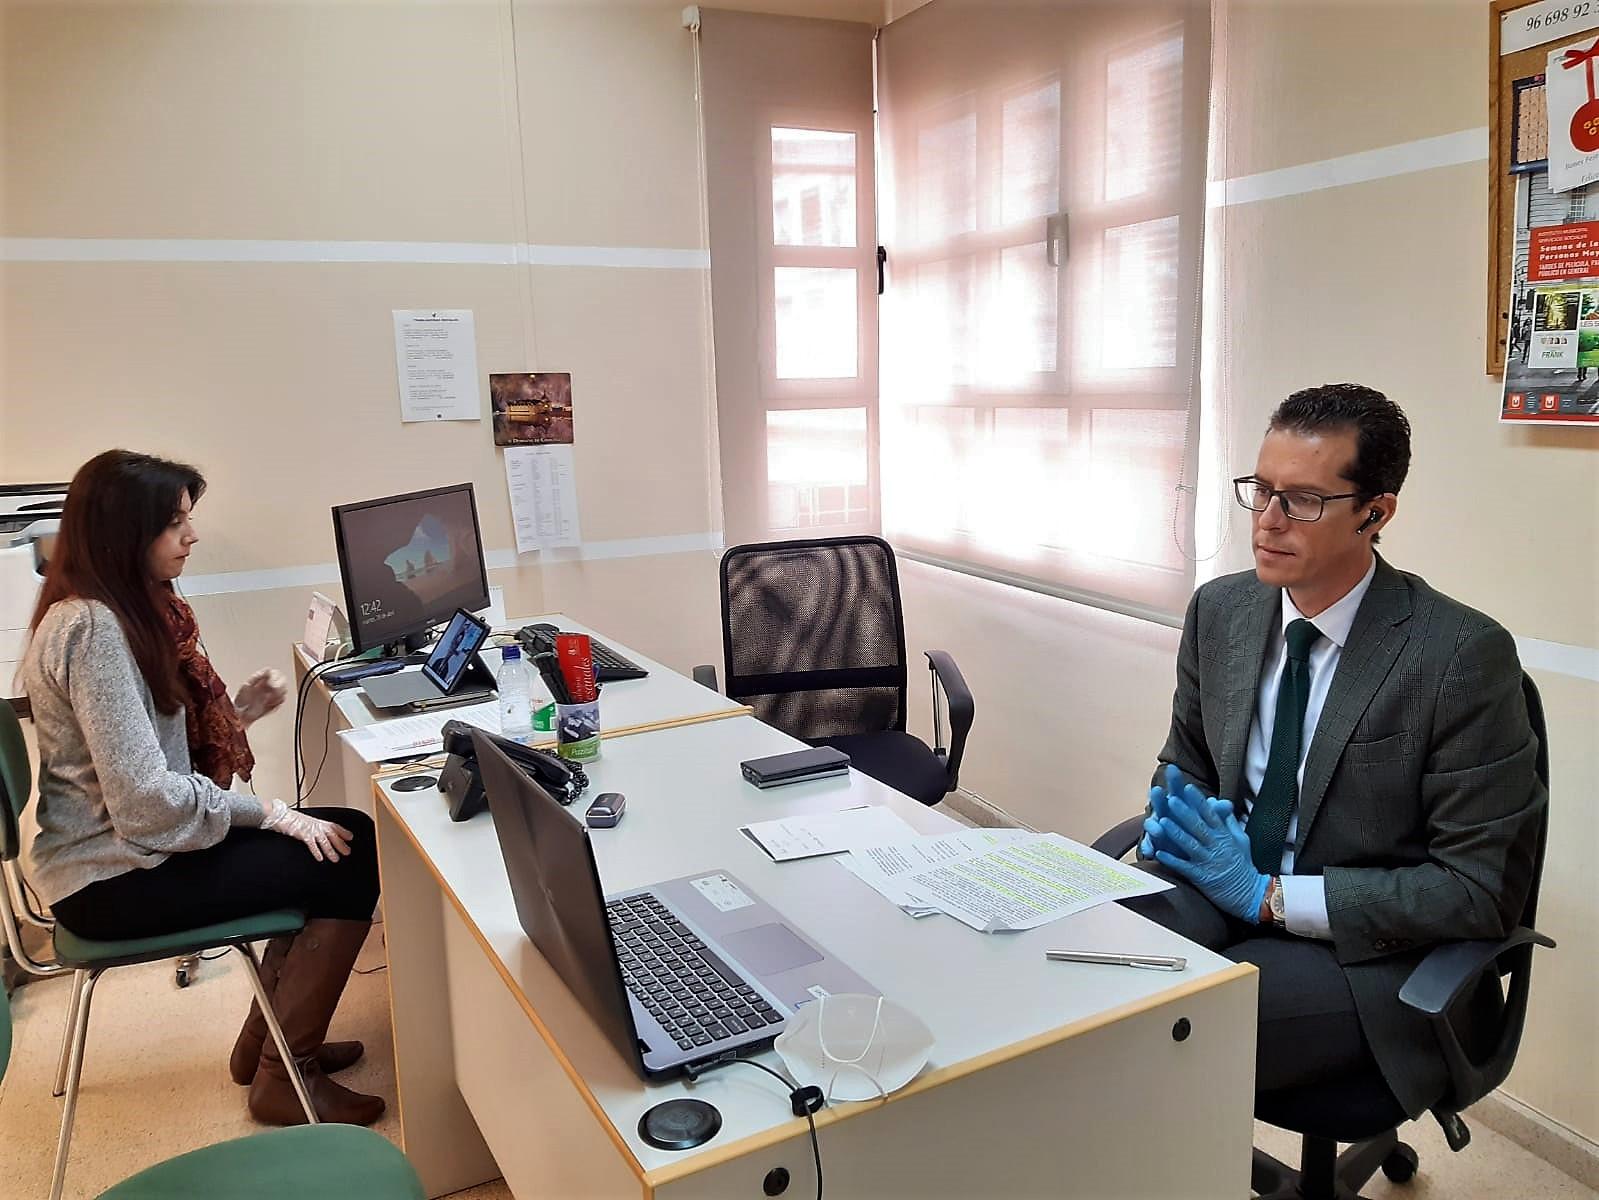 Bienestar Social abona el primer paquete de ayudas de urgencia social a 77 familias de Elda afectadas por la crisis del COVID-19